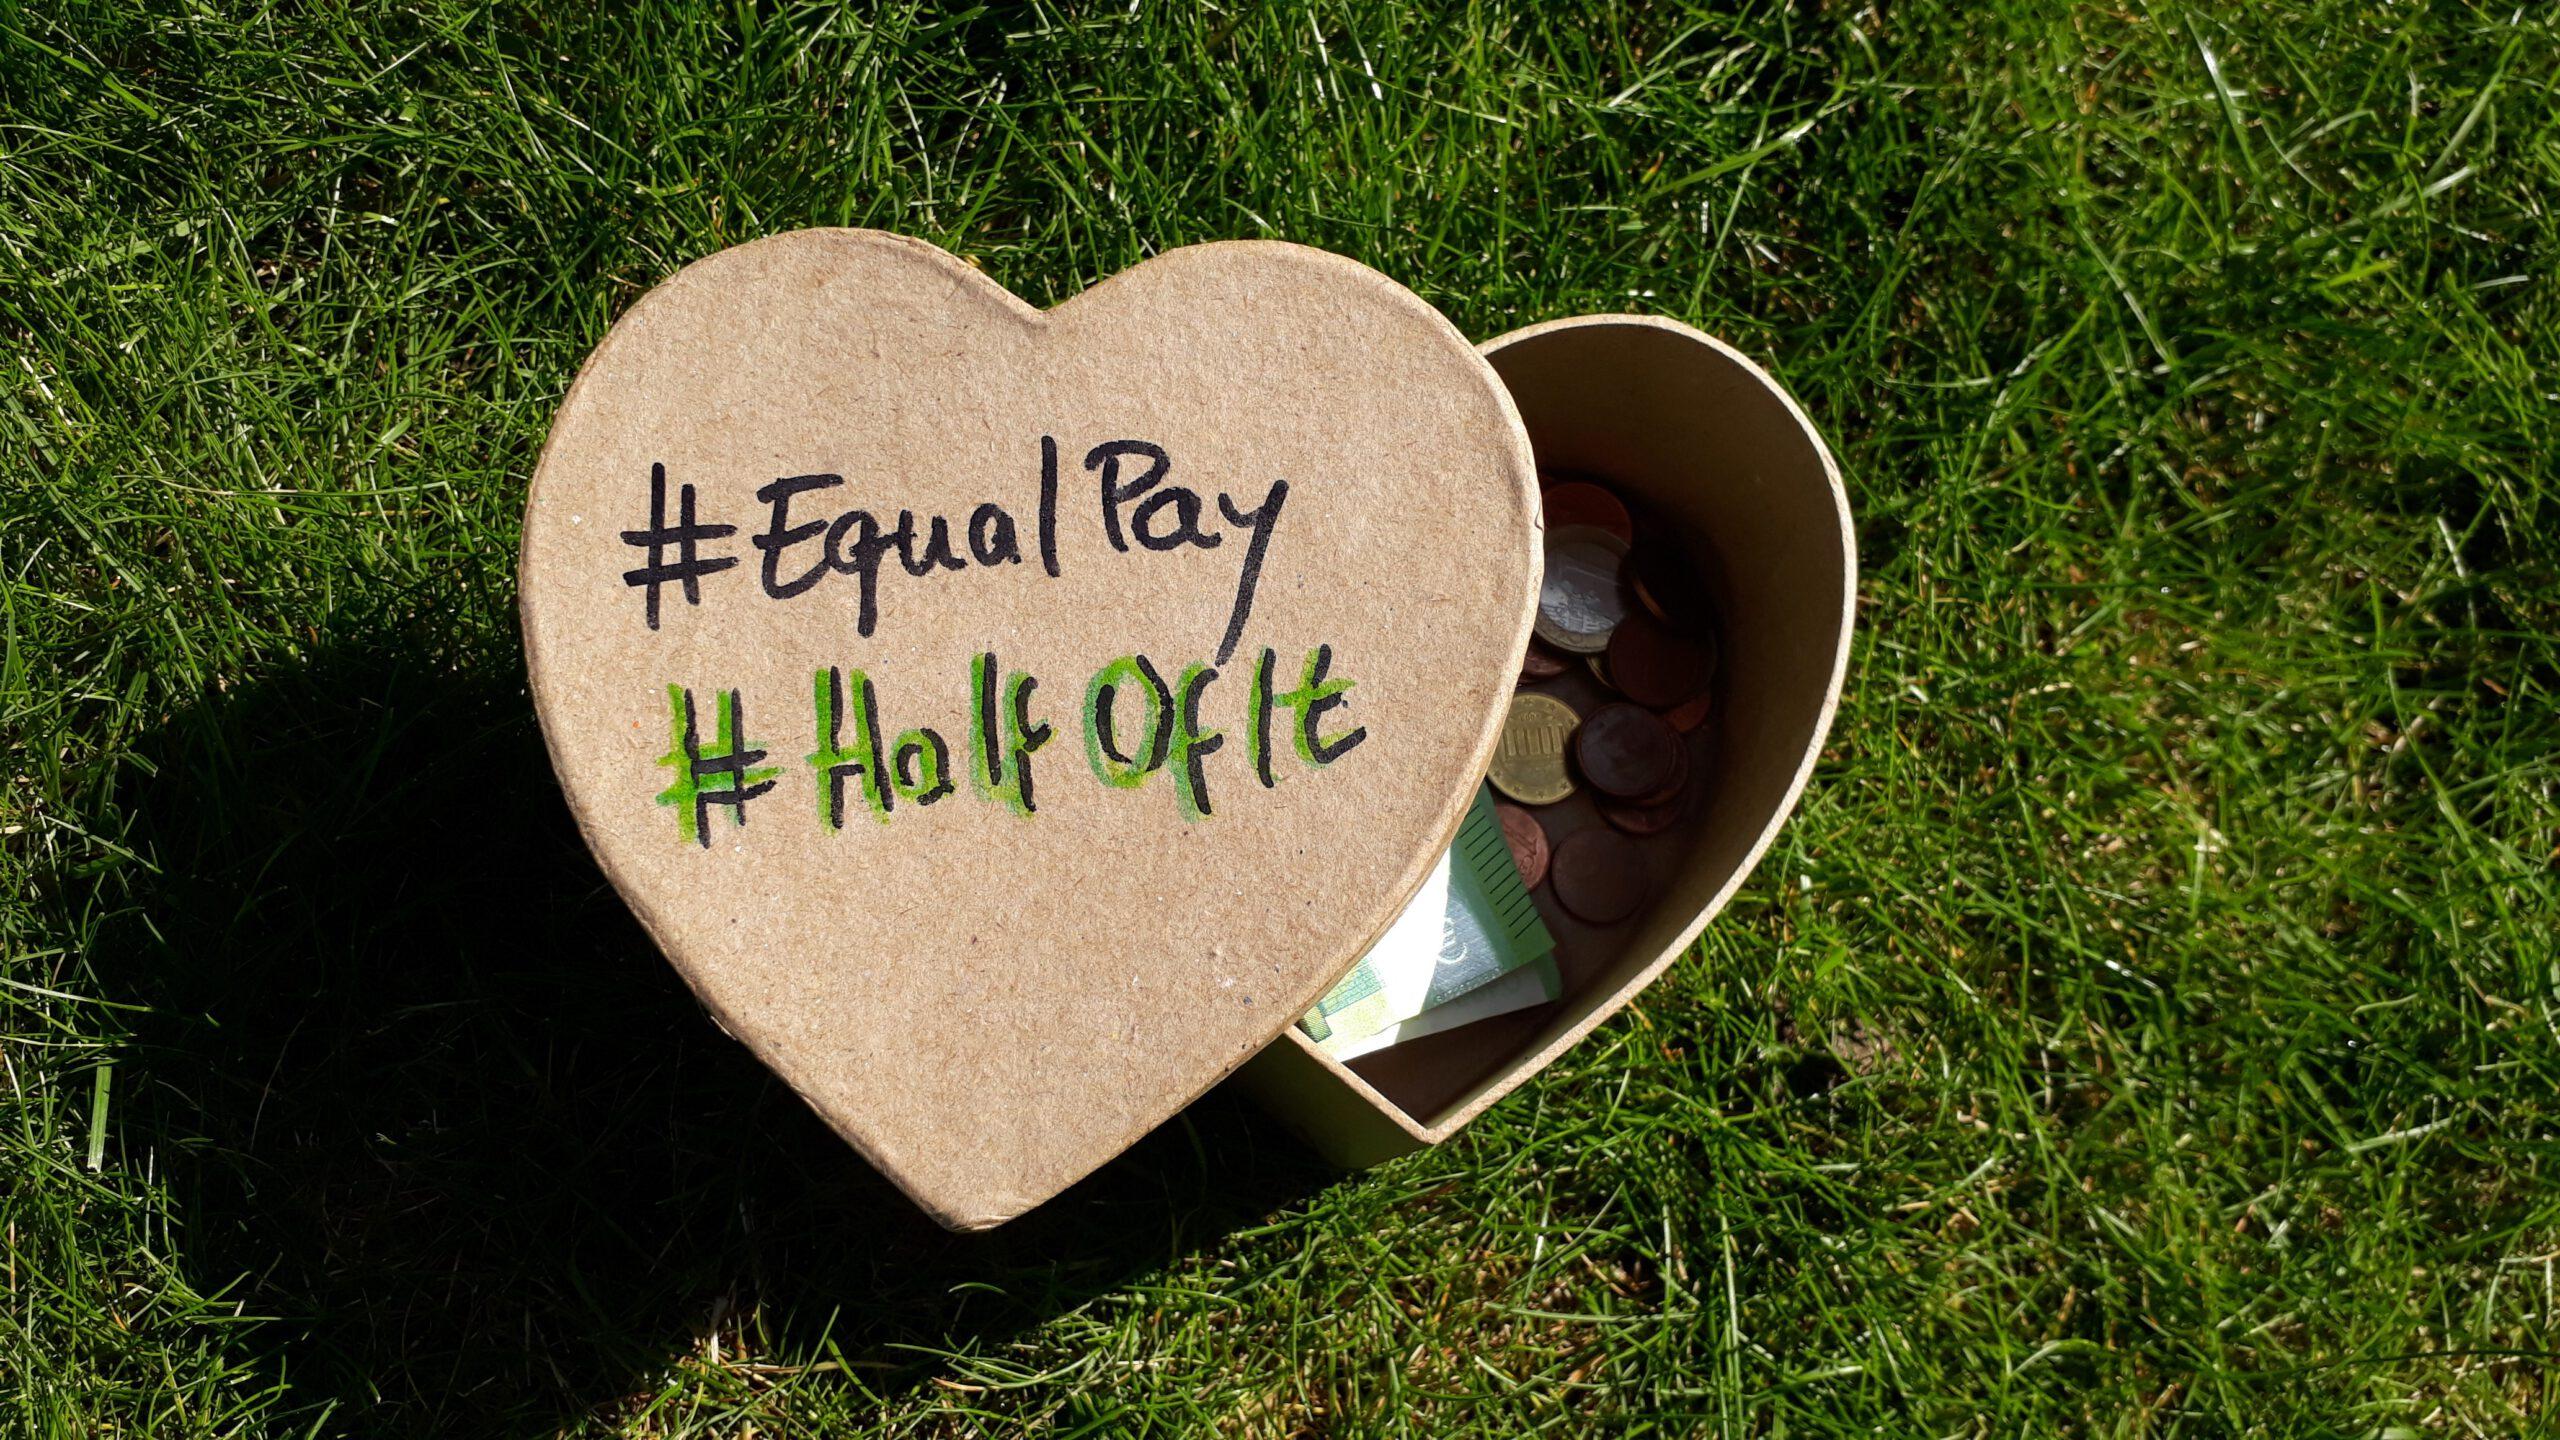 Foto mit einer Herzförmigen Kiste, die im Gras liegt und auf der #Halfofit und #EqualPay steht